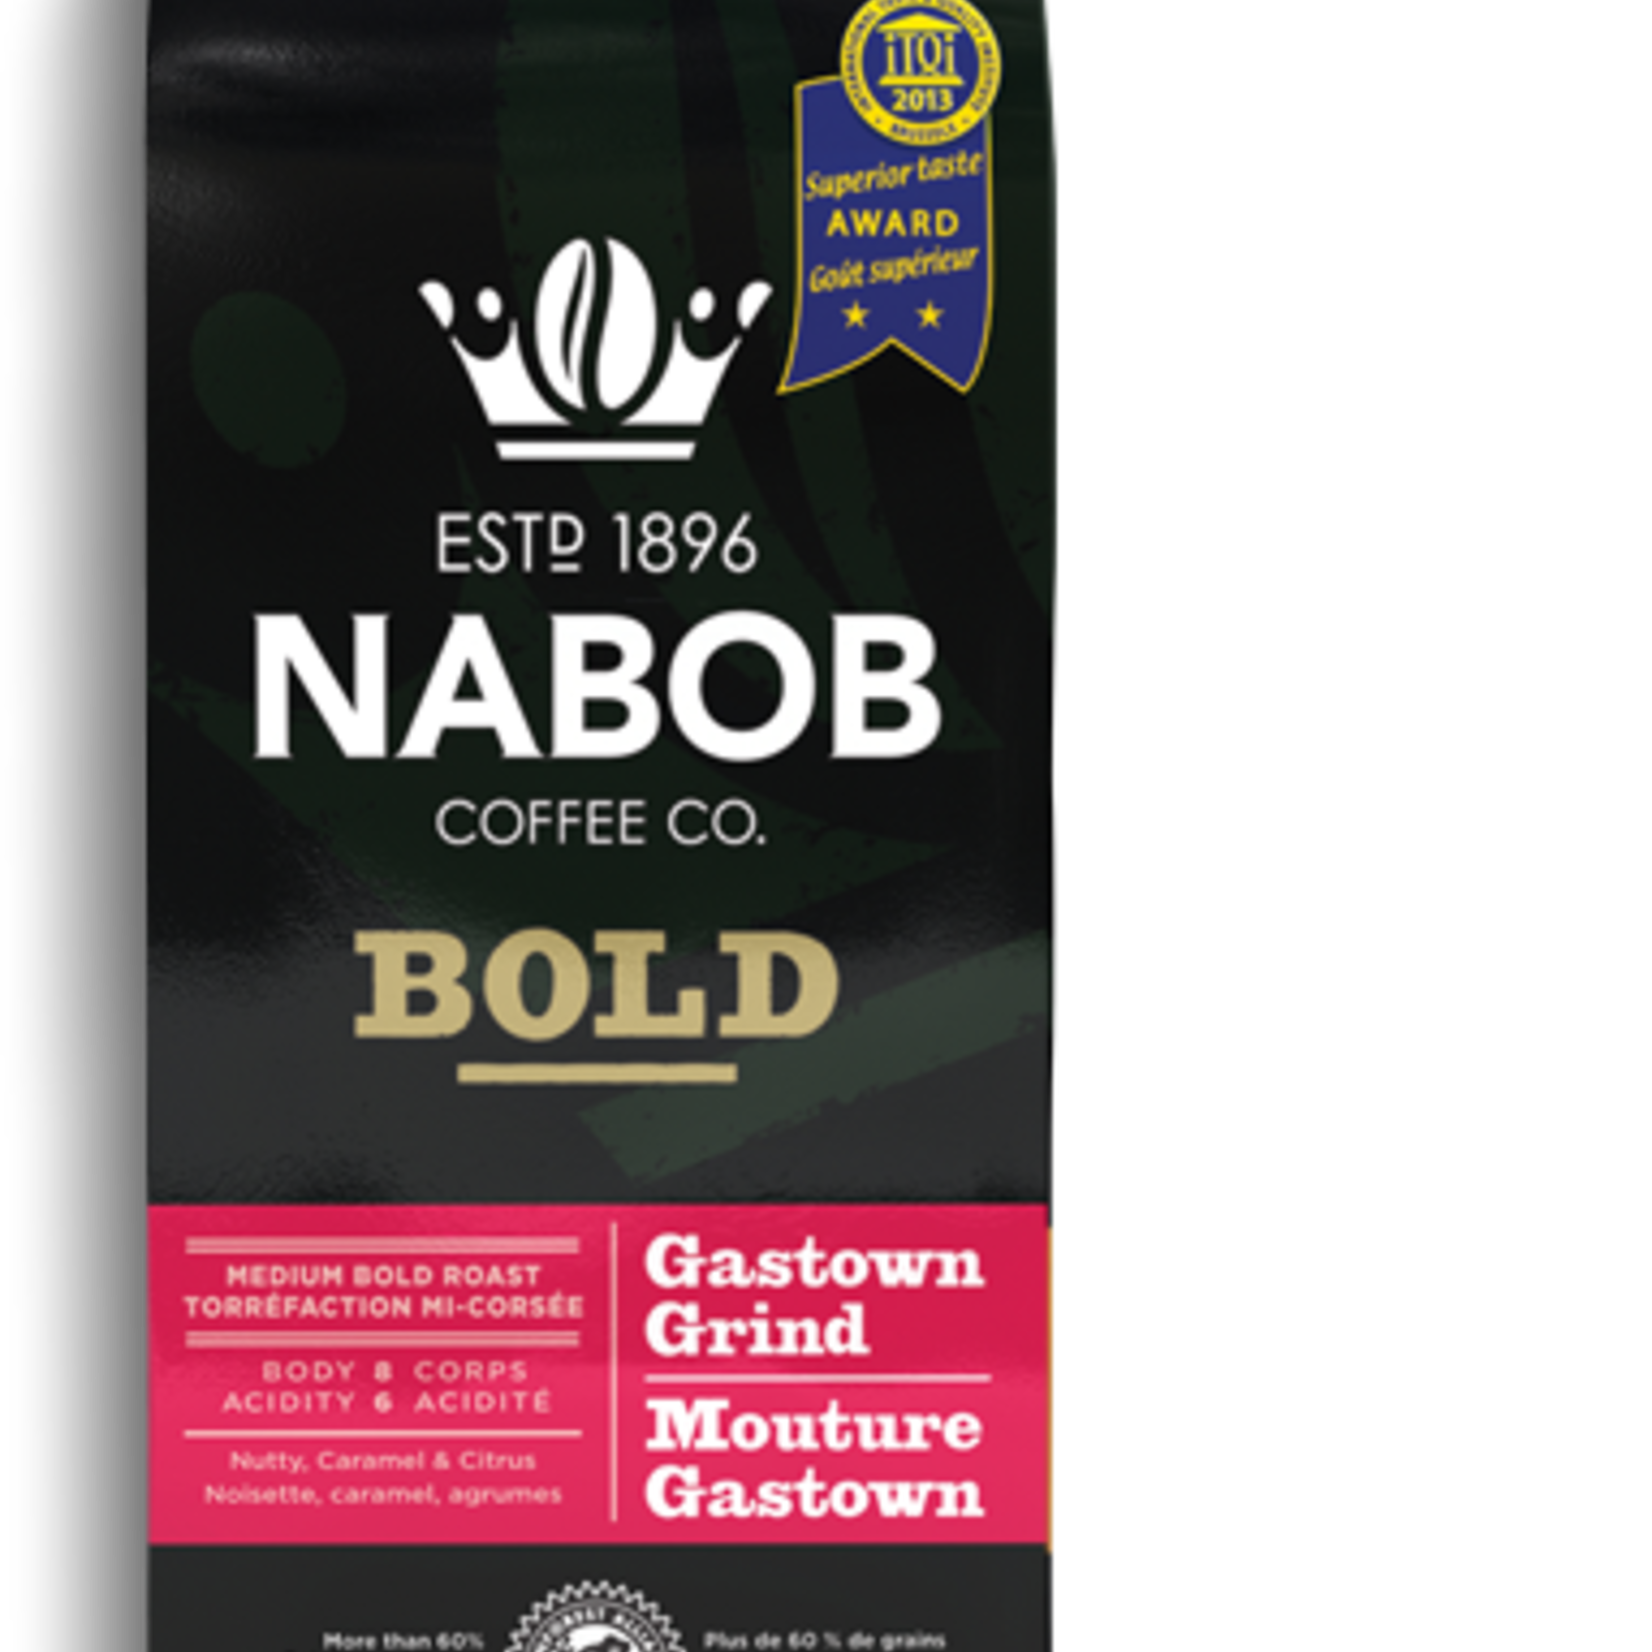 Nabob Bold Gastown Grind Cround Coffee 300g